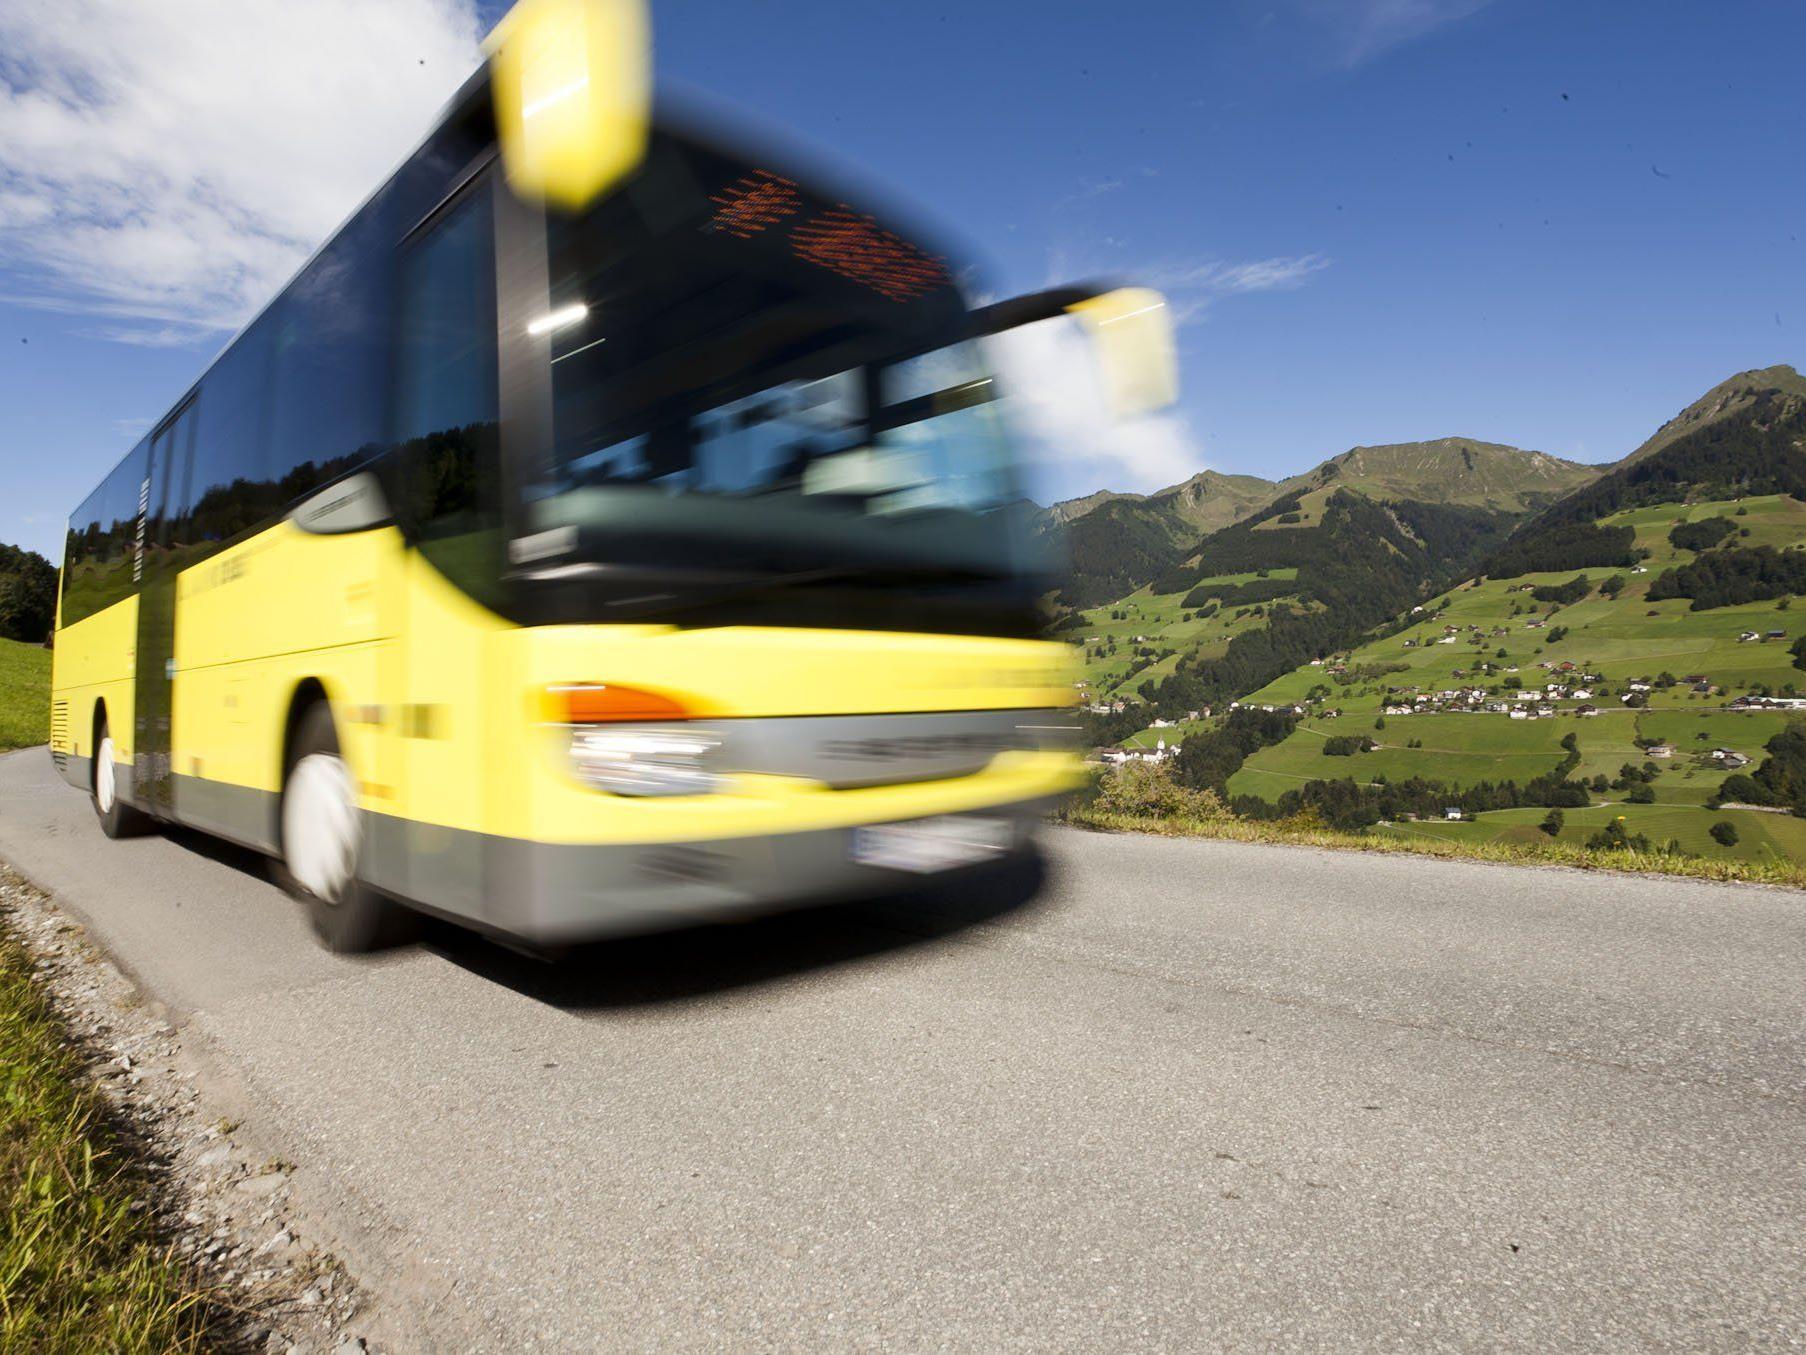 Eine flächendeckende Lkw-Maut würde die Buspreise in die Höhe treiben, warnt die WKV.